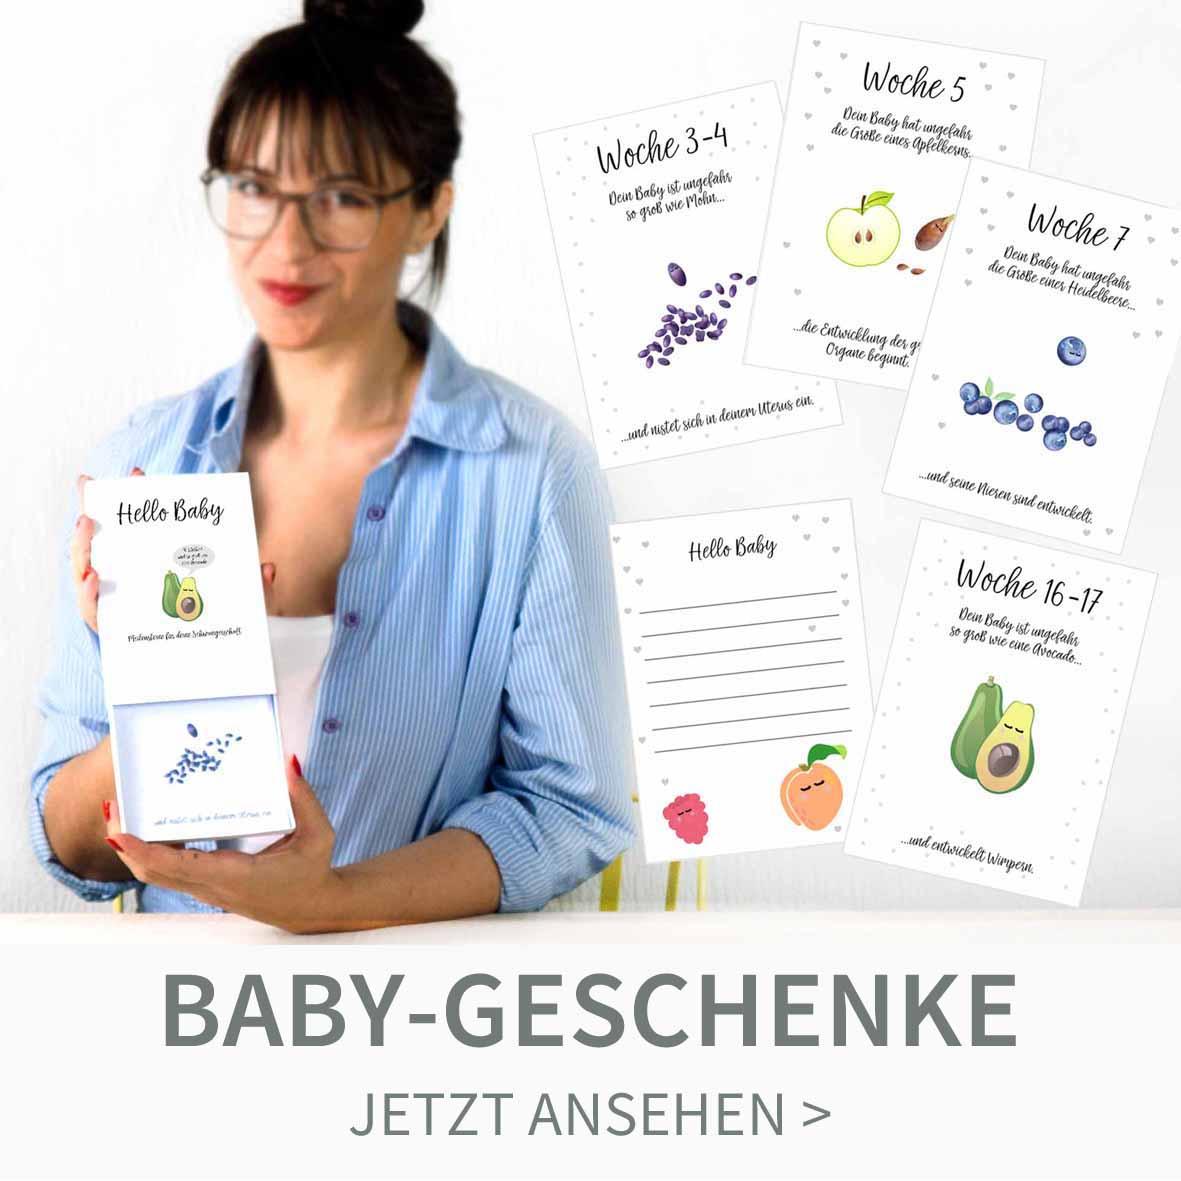 Druckvorlagen für Meilensteinkarten als Baby Geschenk